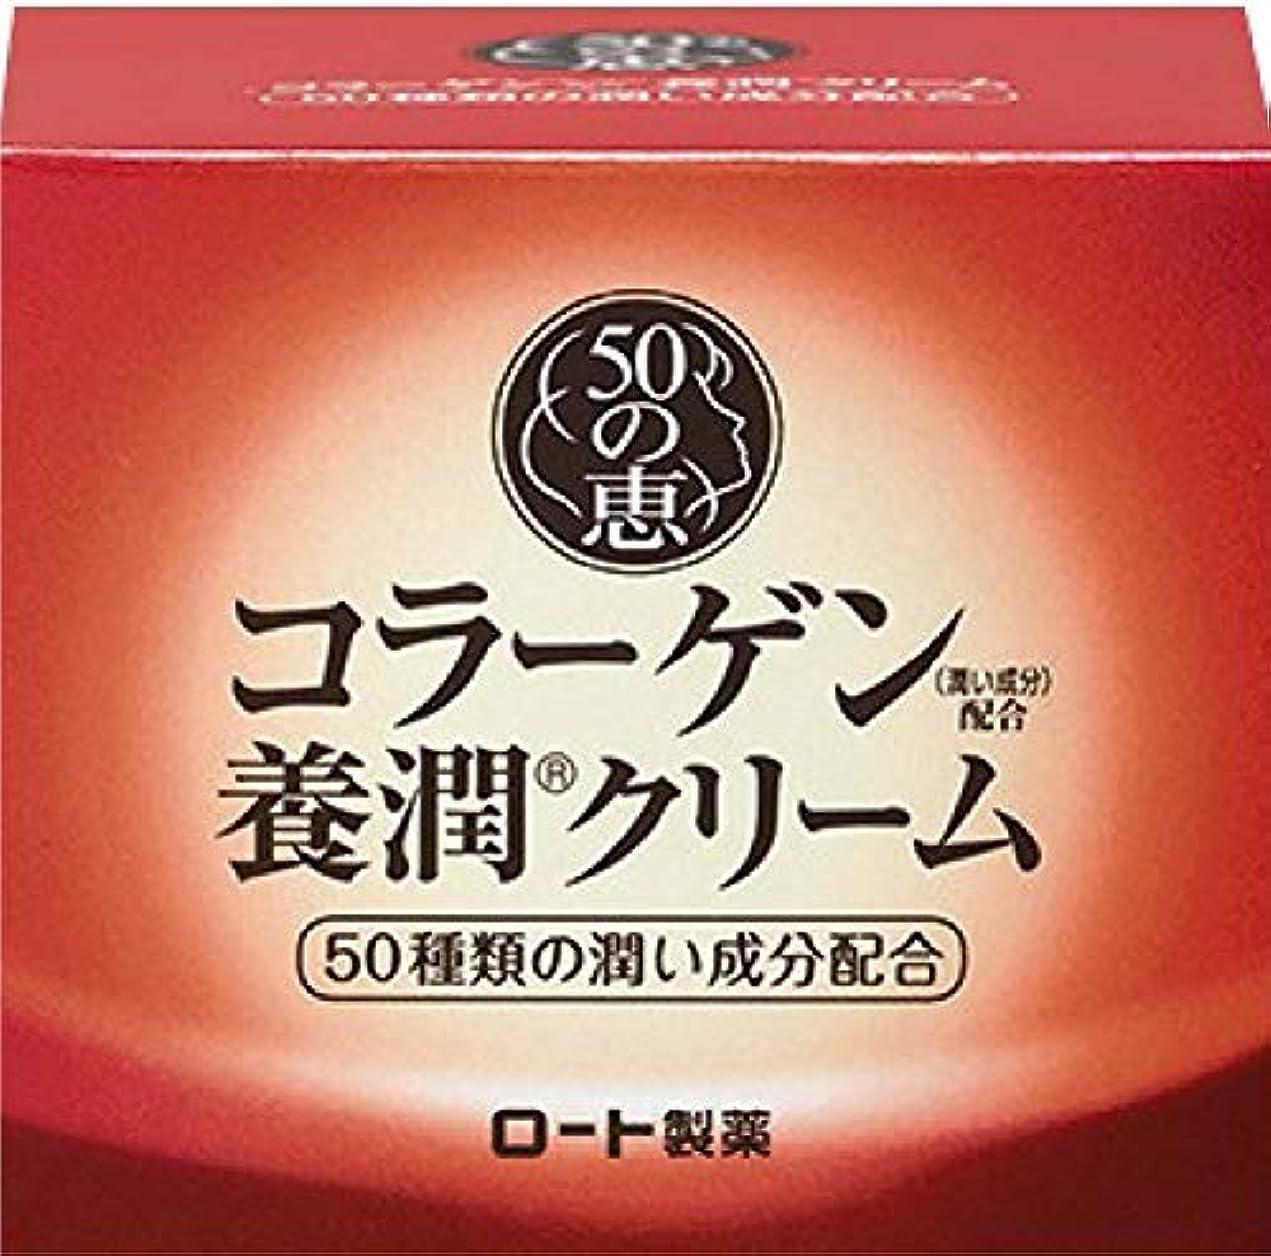 発生するマイク余裕があるロート製薬 50の恵エイジングケア 養潤成分50種類配合 クリーム 90g